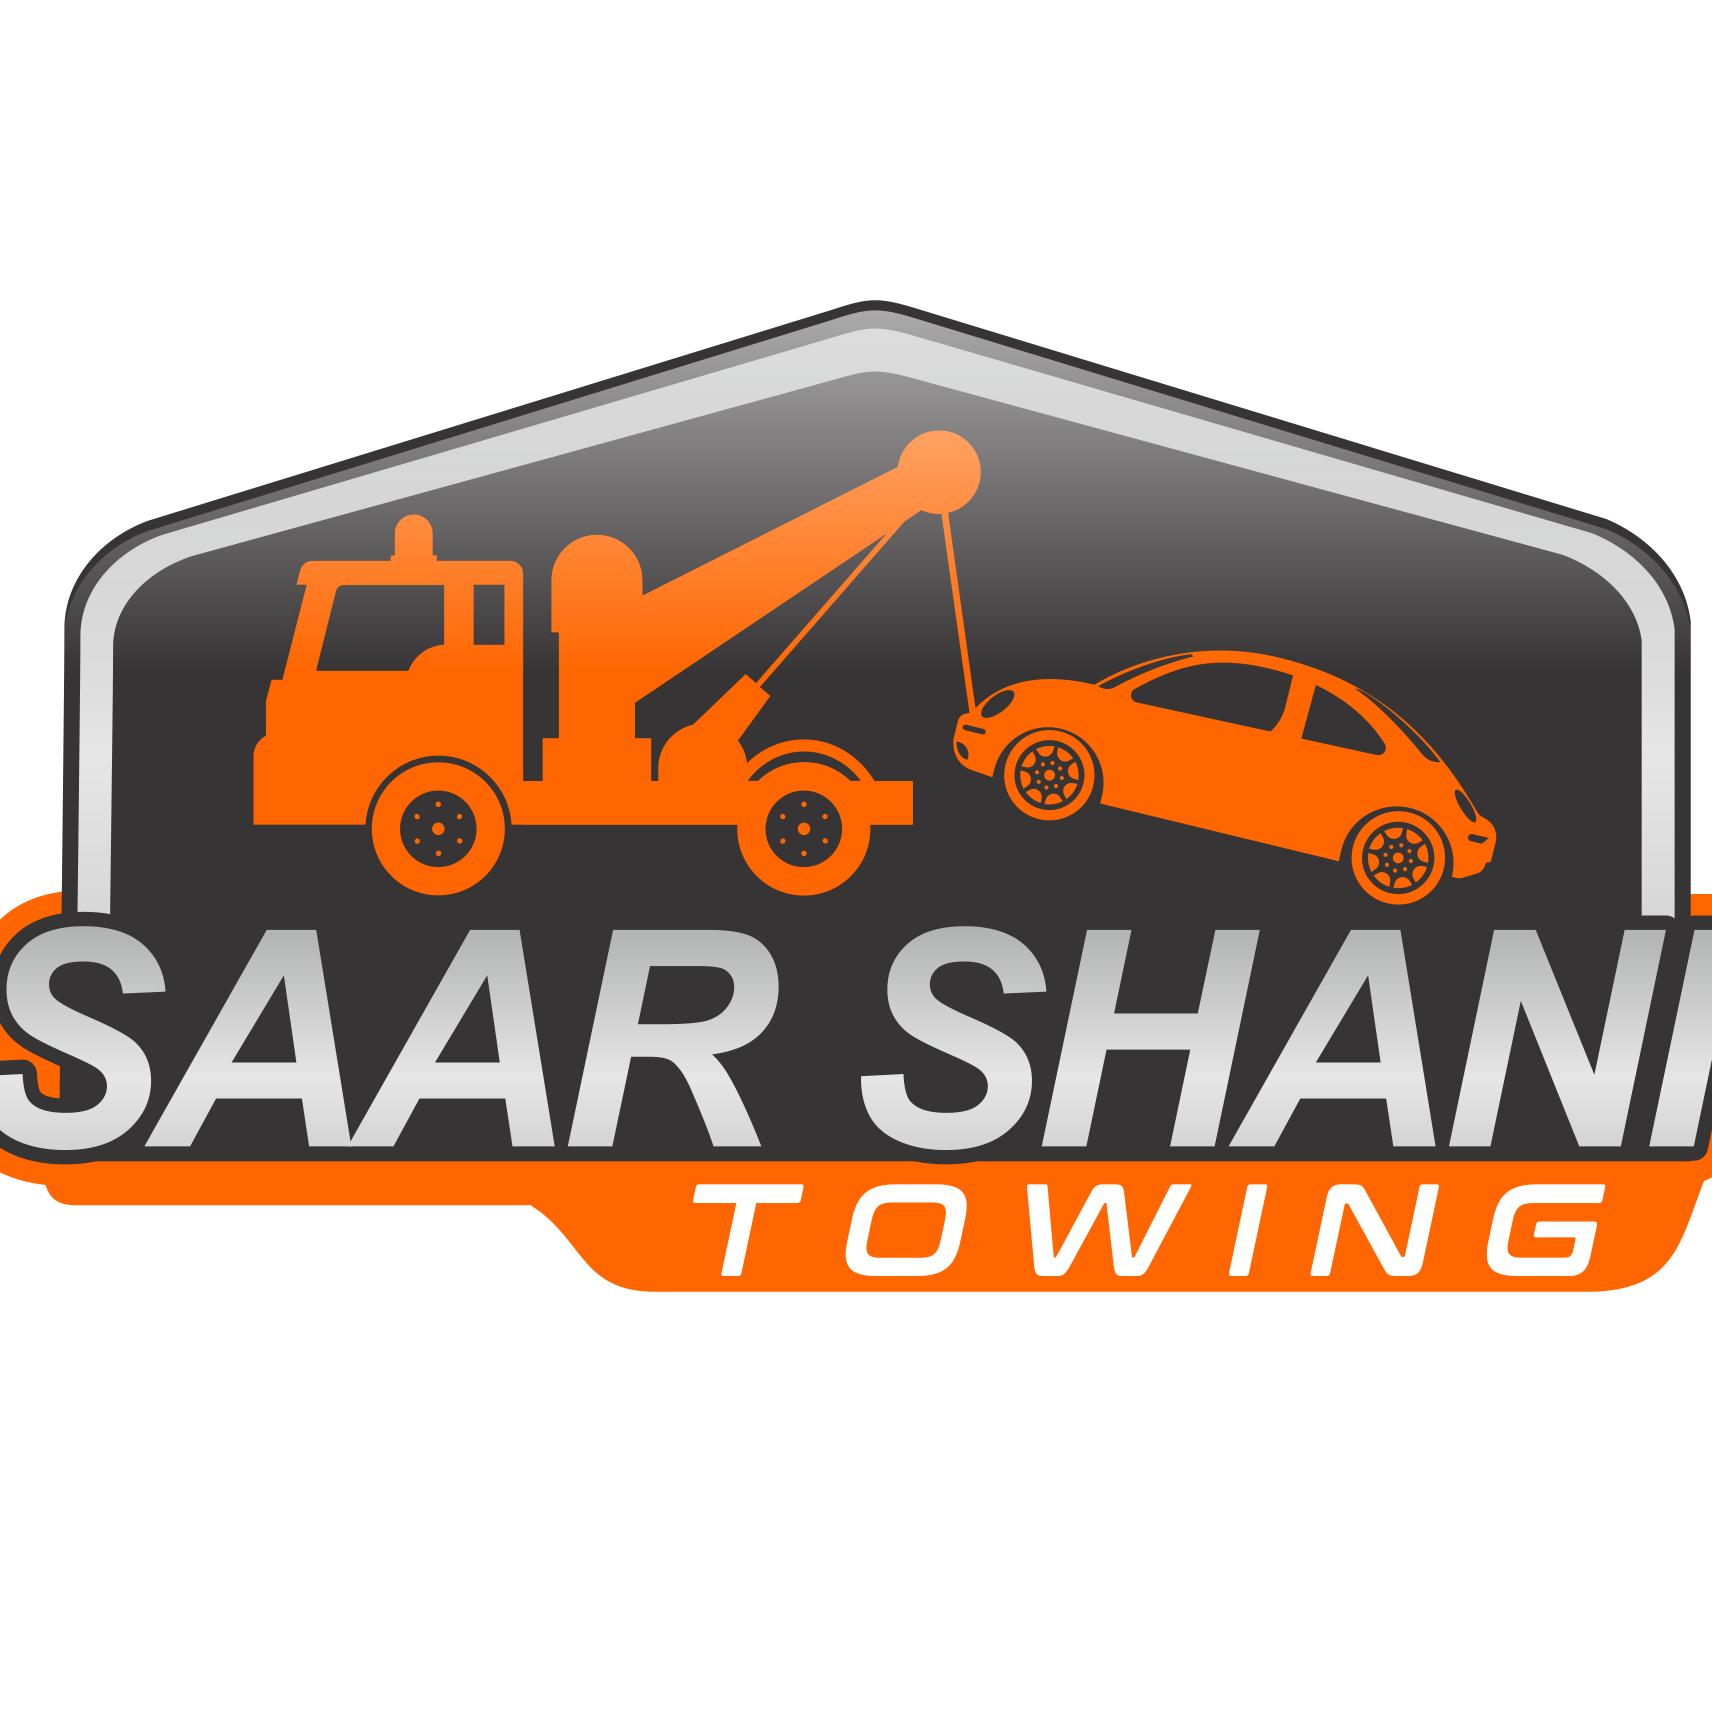 Saar Shani Towing